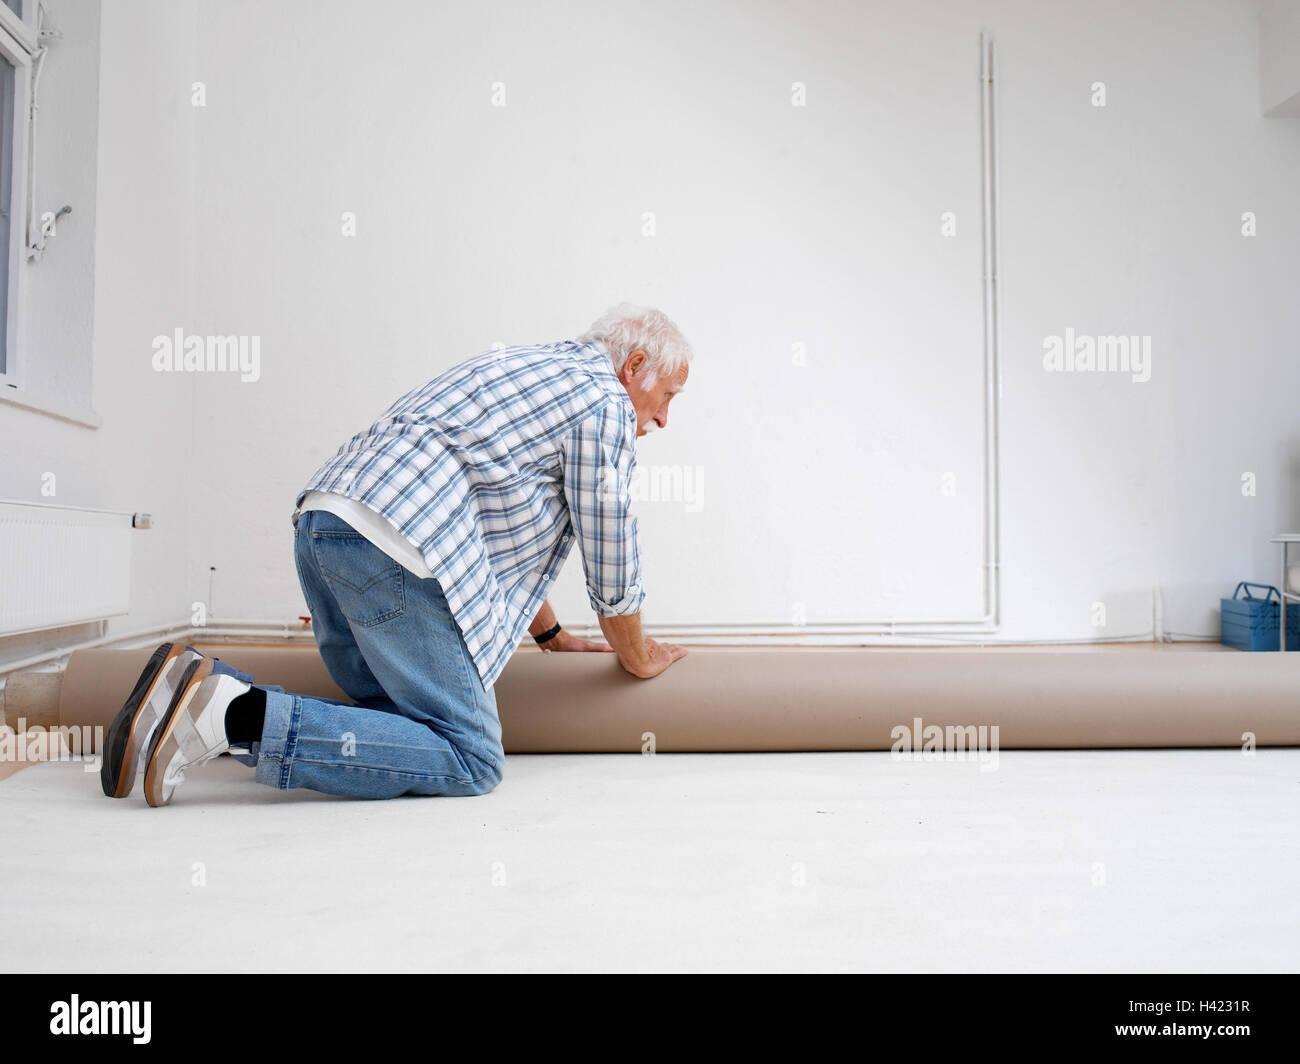 Wohnung, Renovierung Werke, Senior, Teppich, Lag, 60 70 Jahre, Mann,  Senior, Rentner, Aktiv, Fit, Agil, Alte Person, Rentenalter, Best Age,  Teppichboden, ...